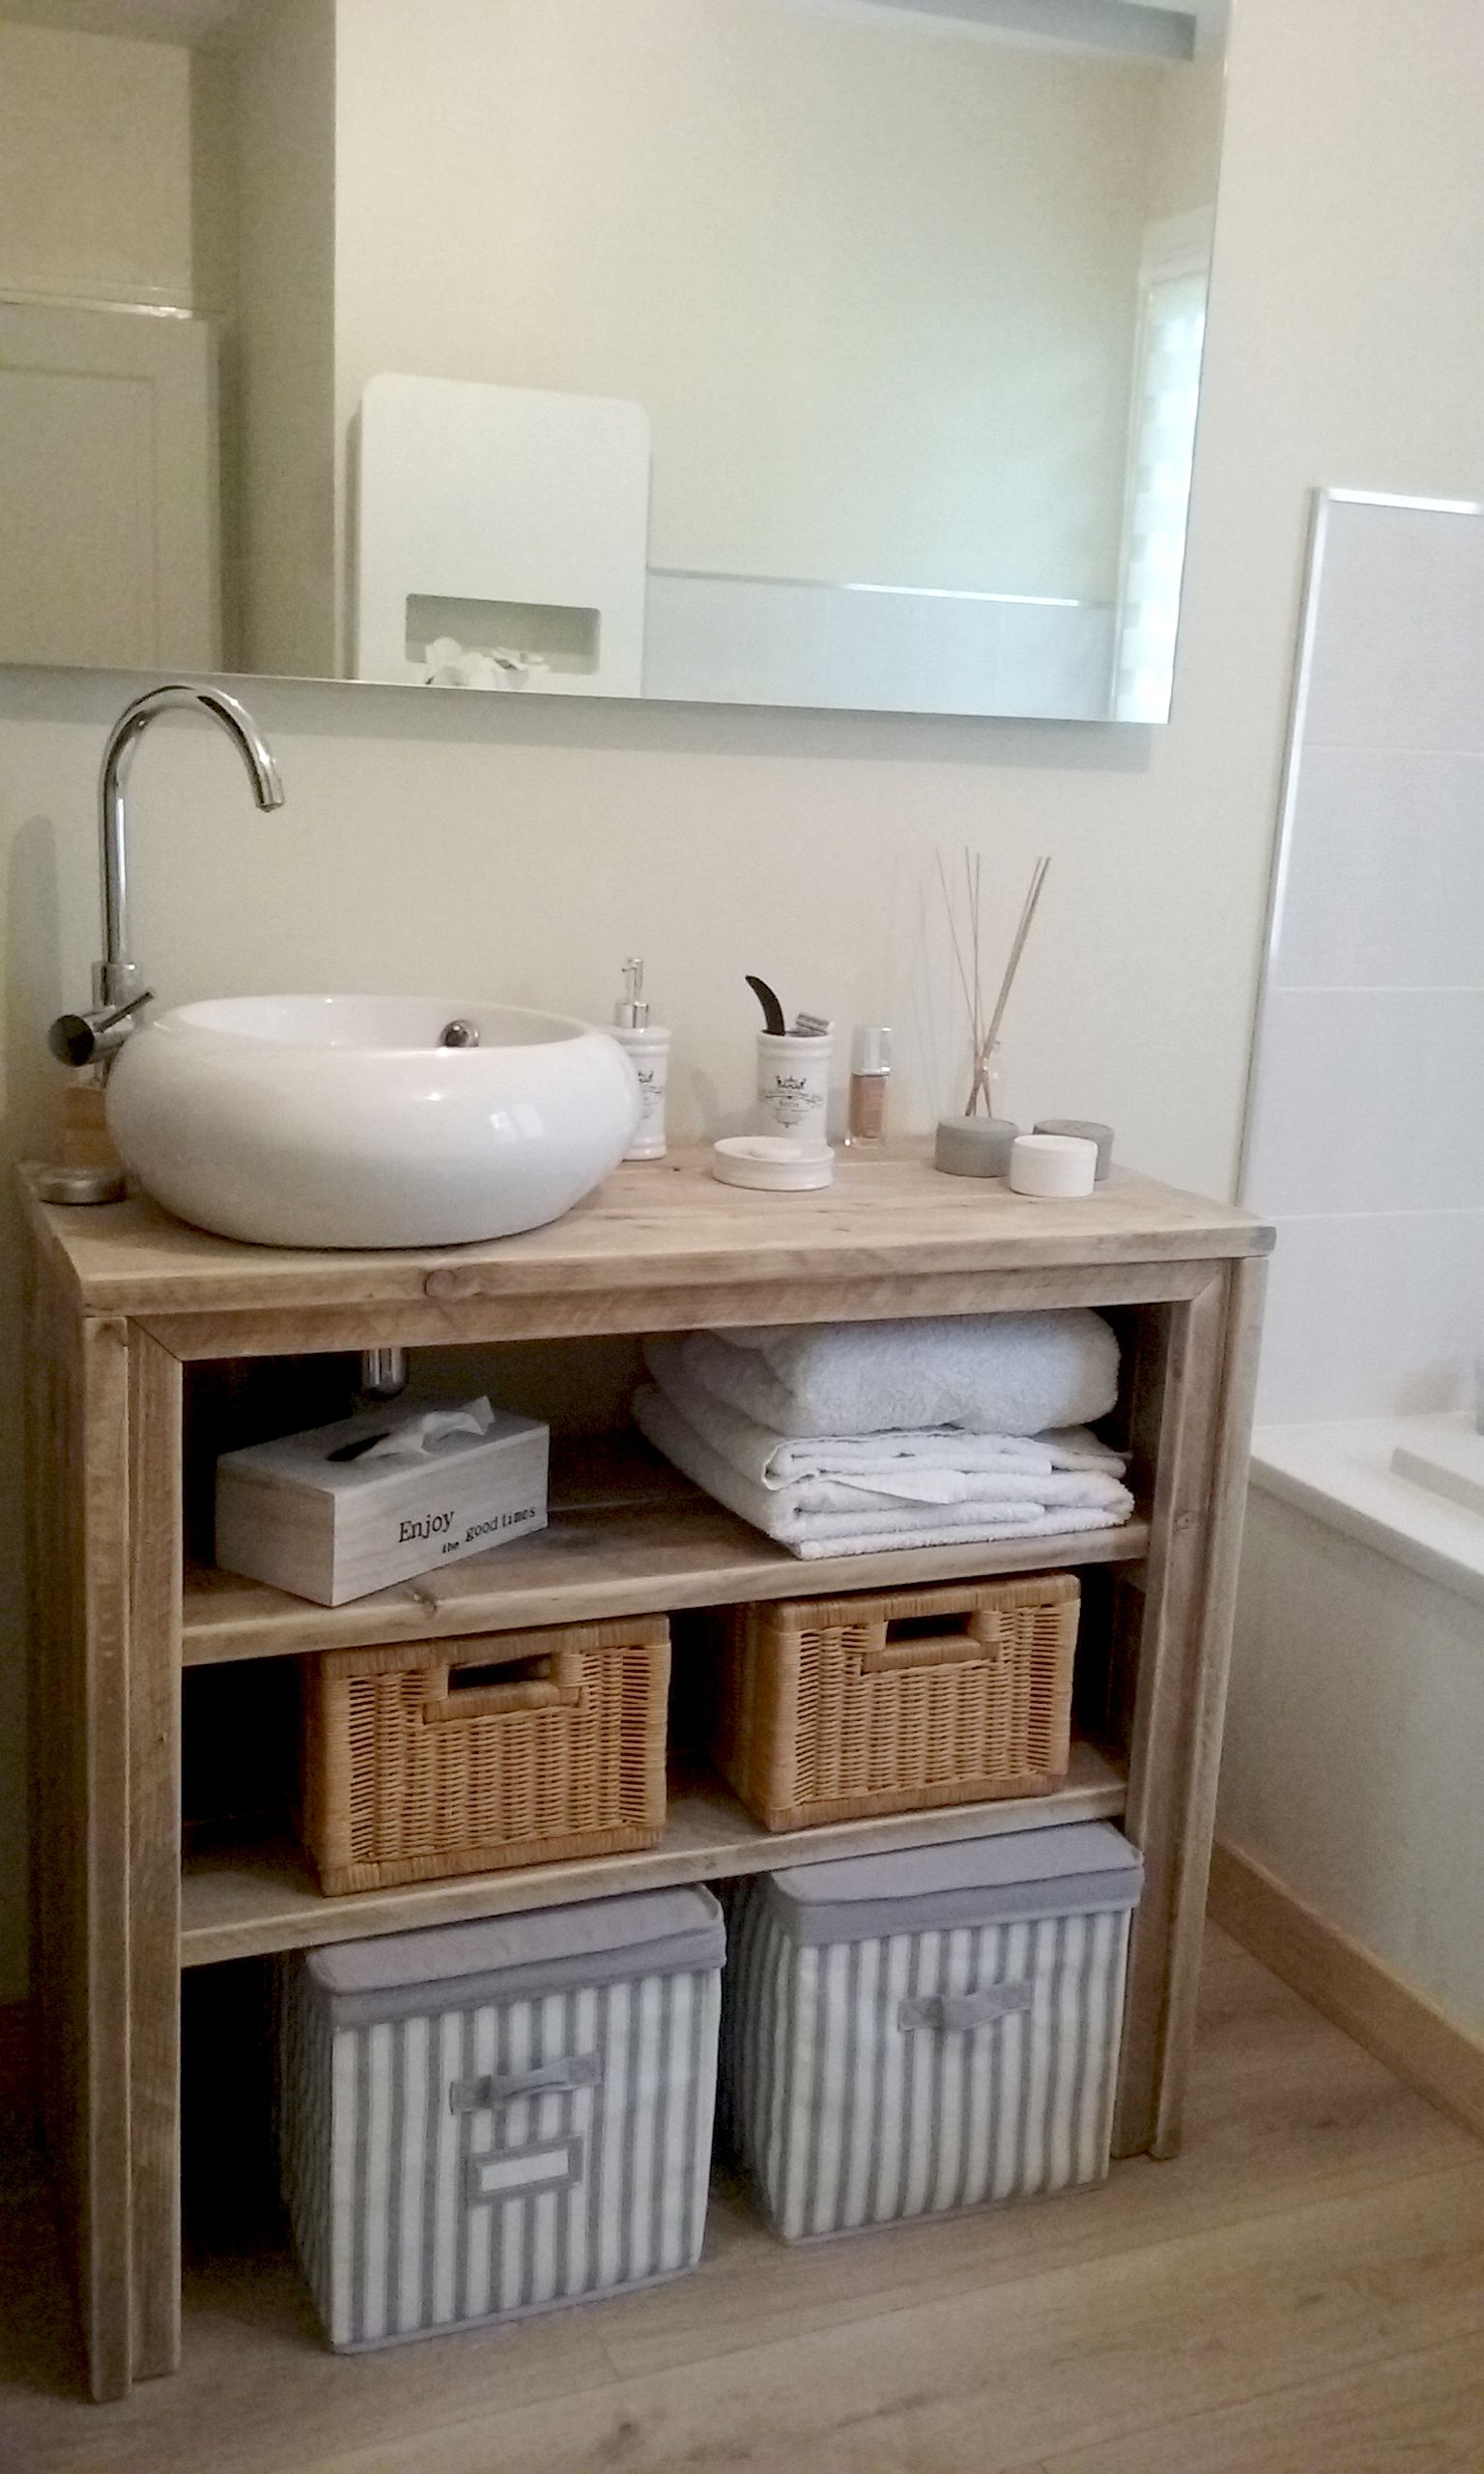 meuble salle de bain pays bois 100 cm meubles salle de bain pinterest meuble salle de bain. Black Bedroom Furniture Sets. Home Design Ideas